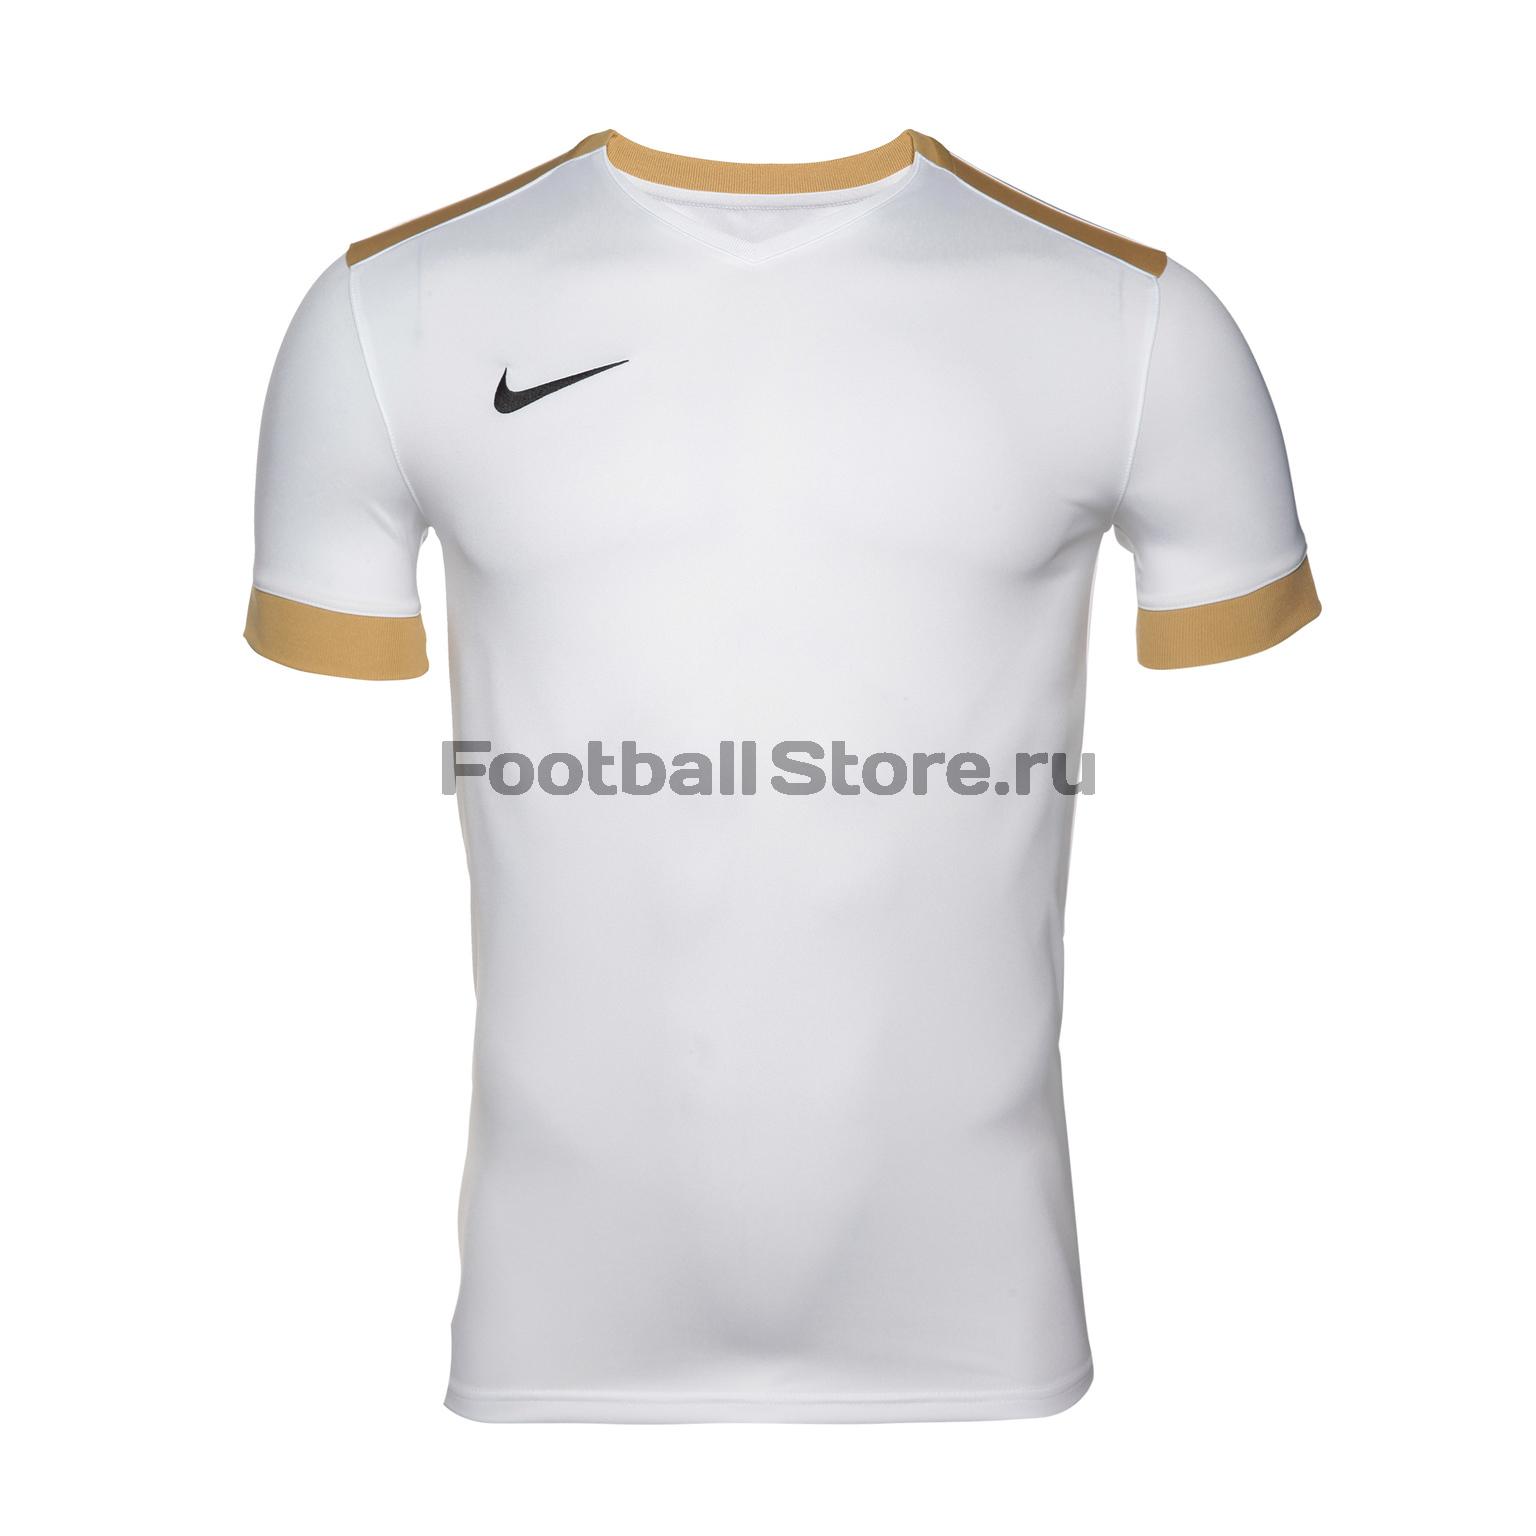 Футболки Nike Футболка игровая Nike Park Derby II JSY SS 894312-100